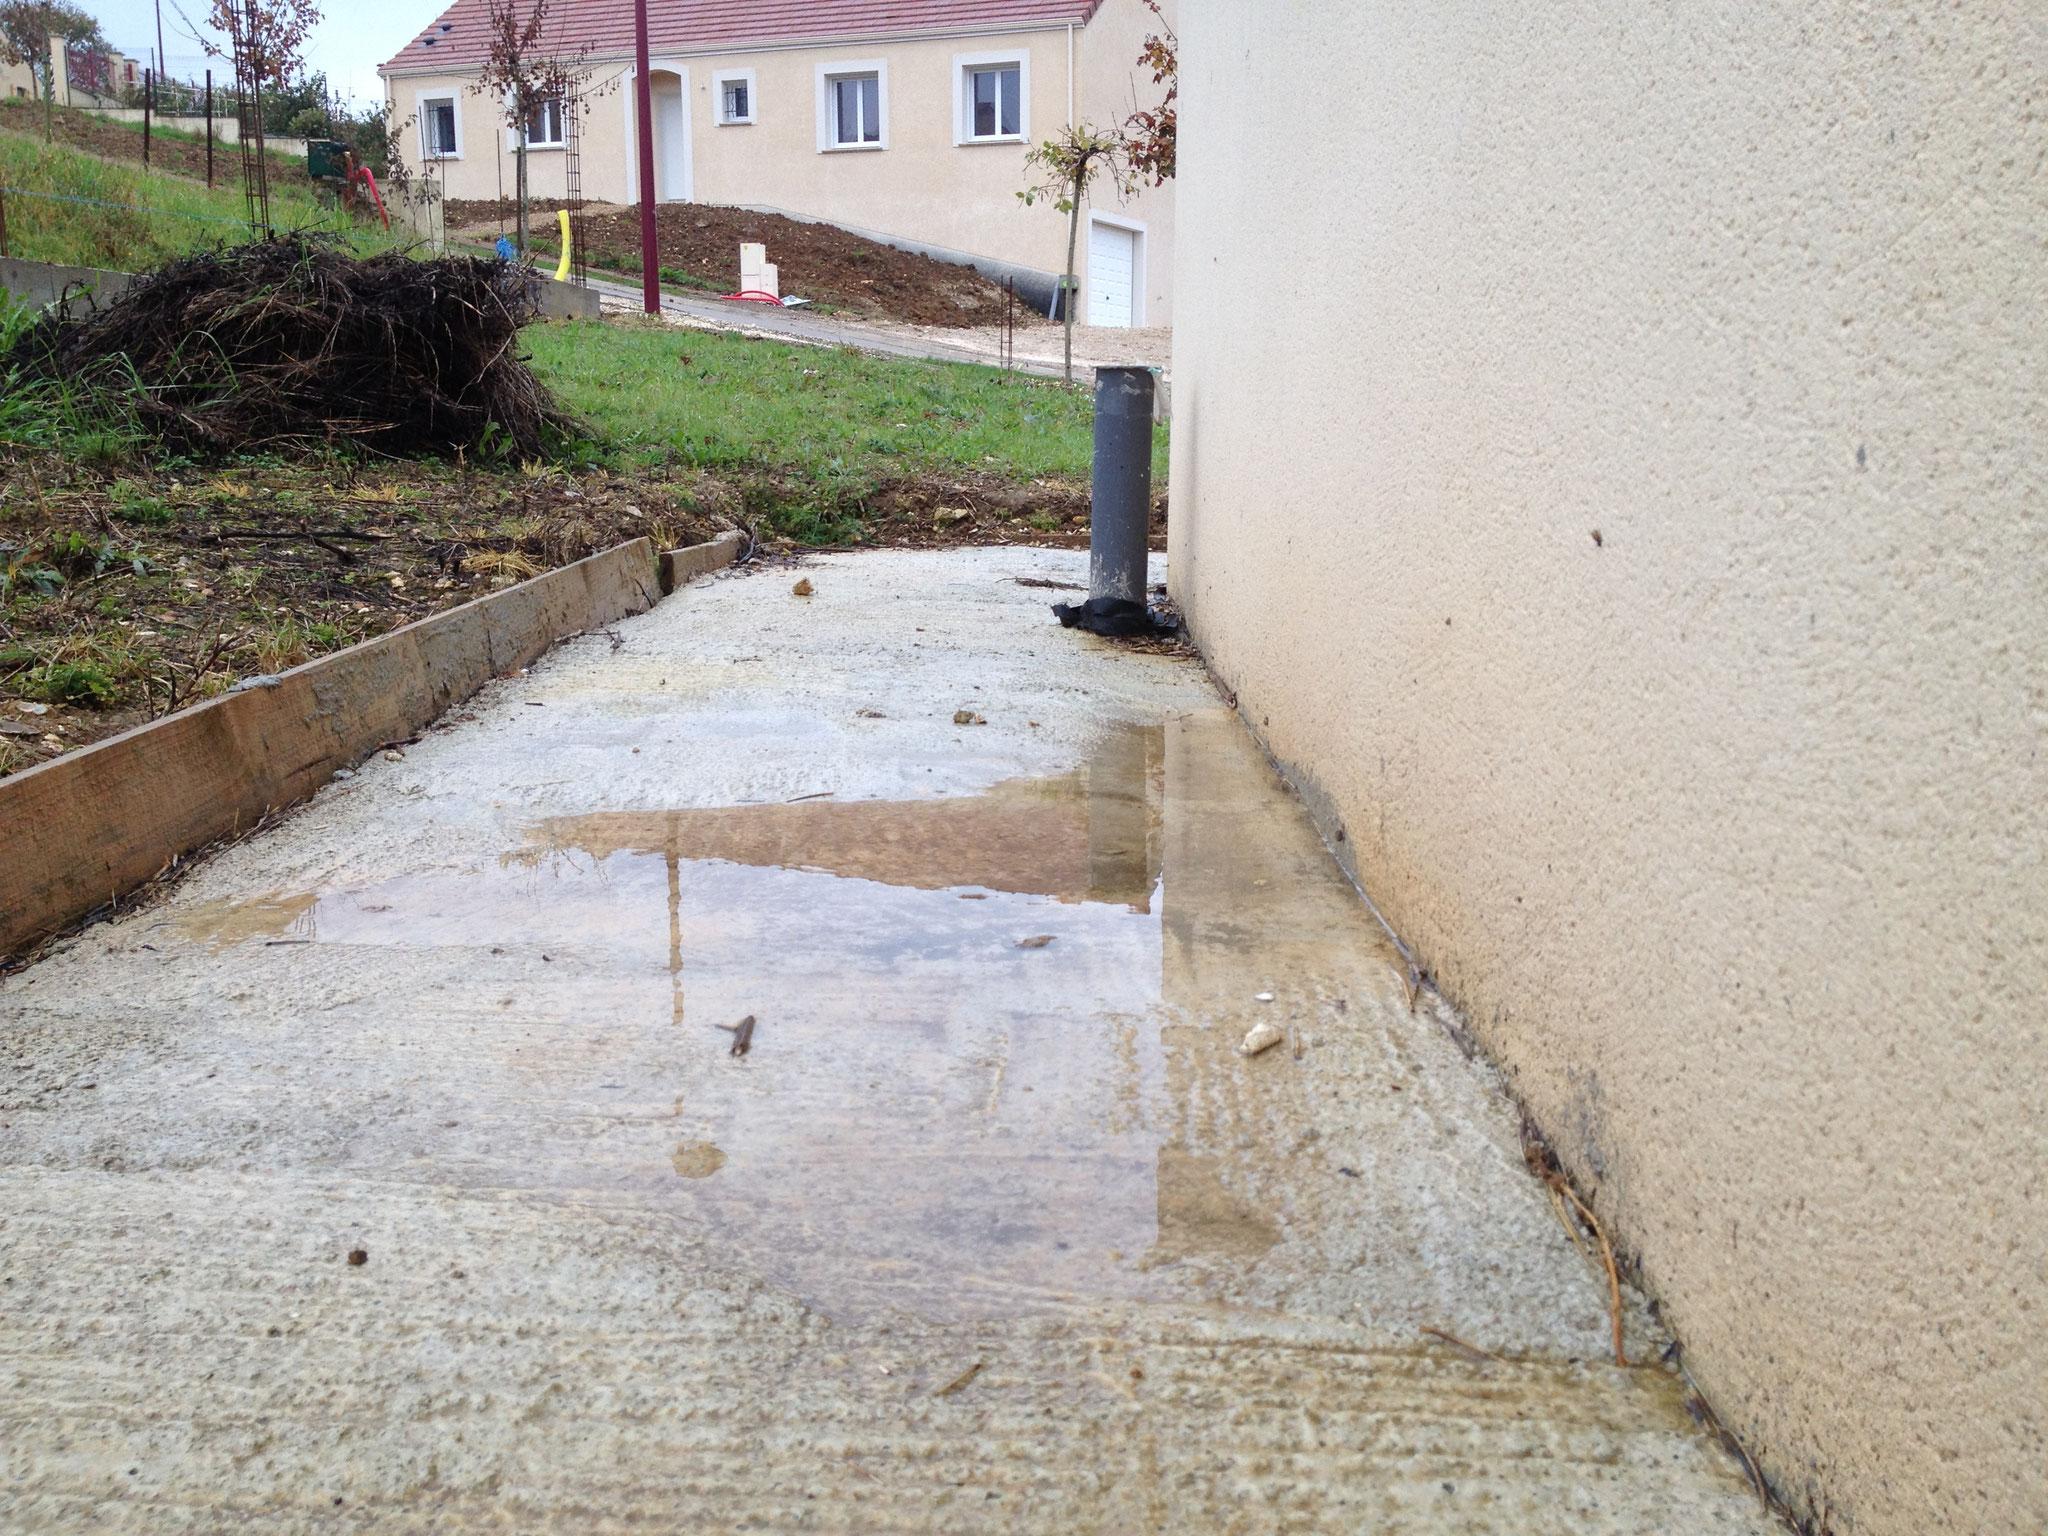 Malfaçon : la contrepente provoque une mauvaise évacuation des eaux pluviales, absence de joint de dilatation